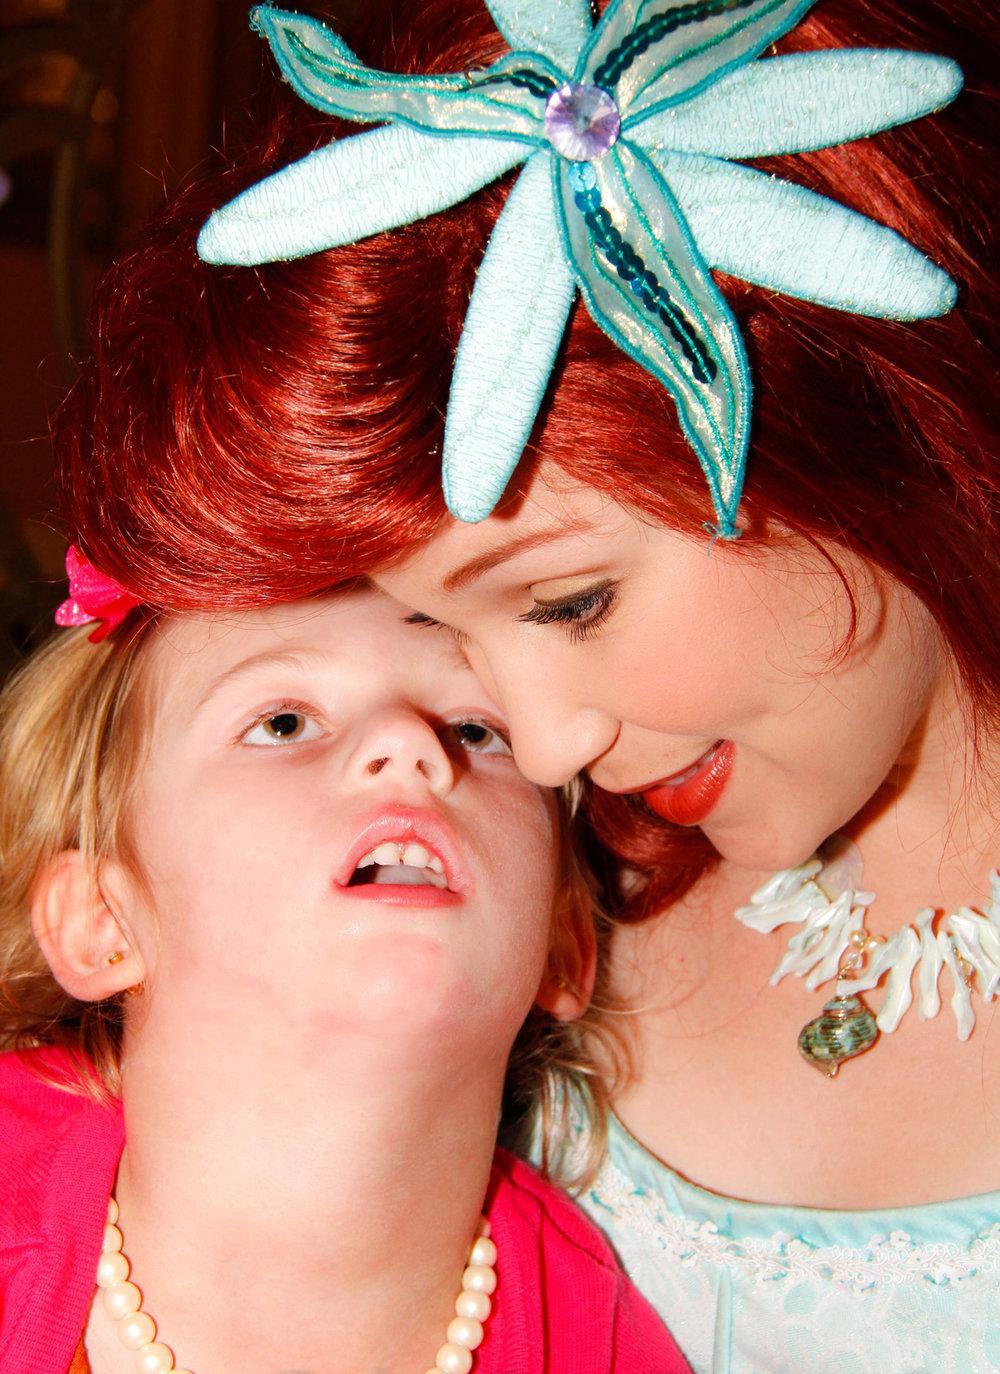 Meet Mackenzie - A priceless princess makeover and dream come true.